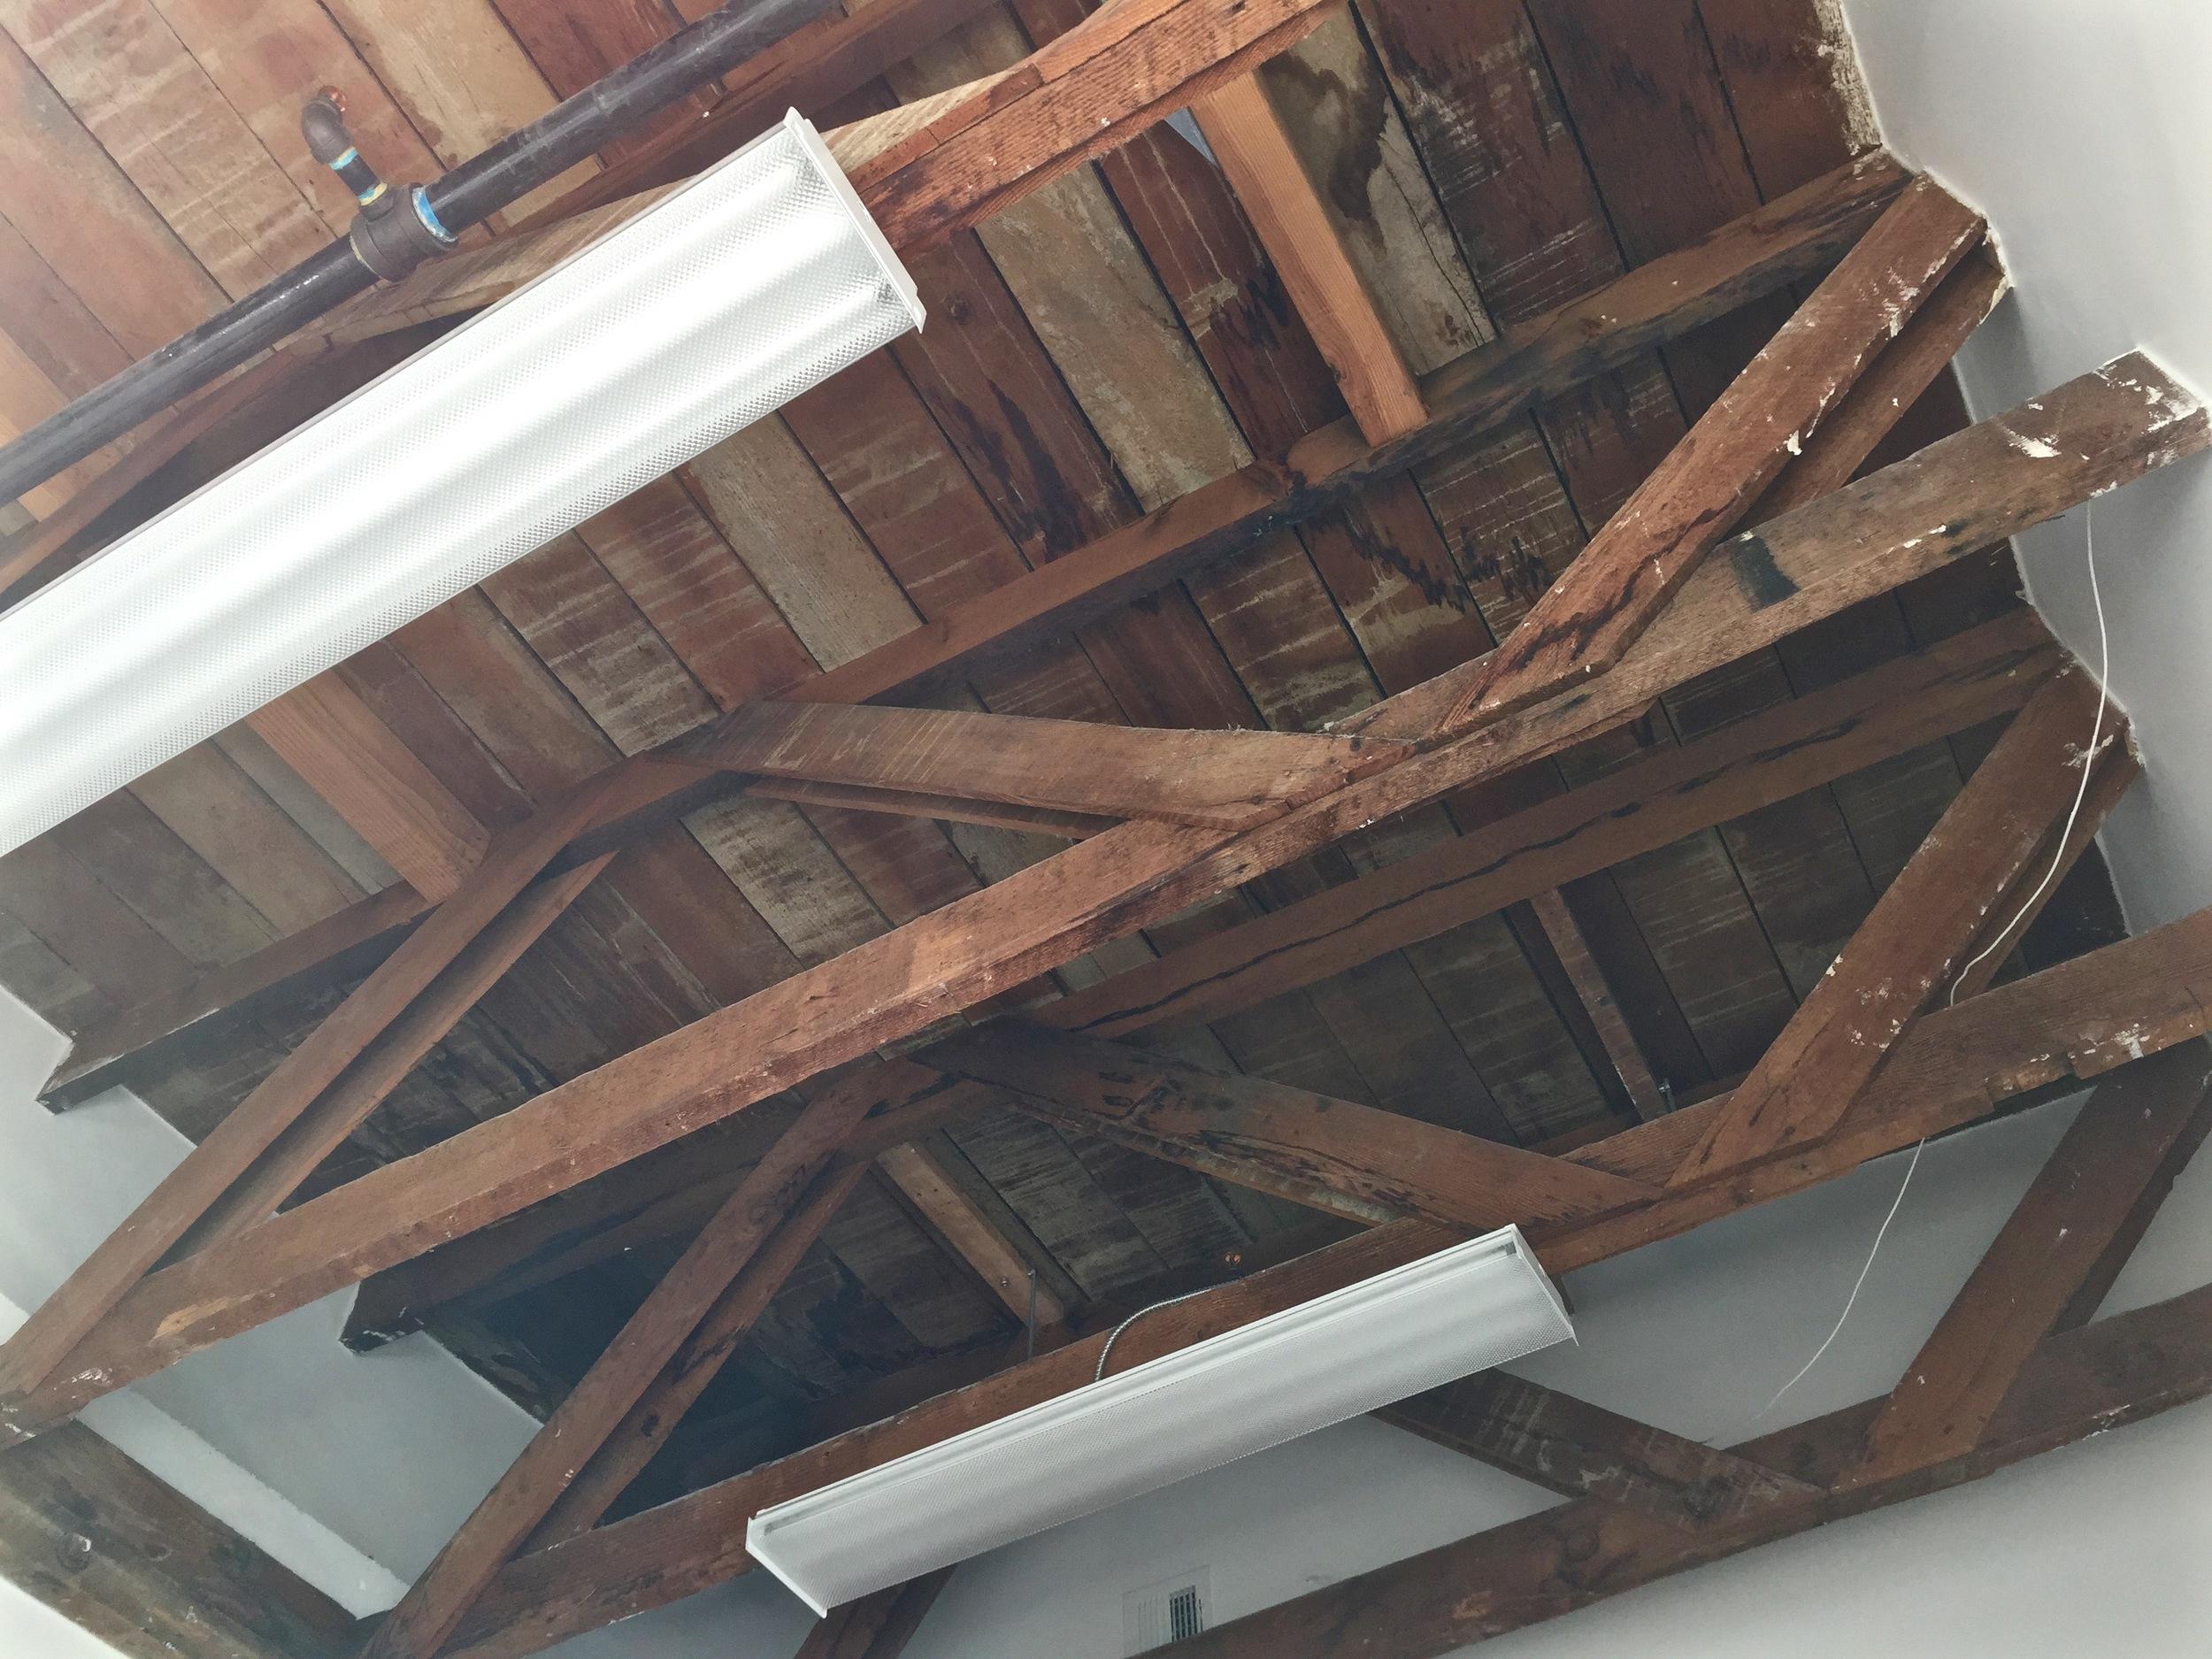 Bedroom ceilings